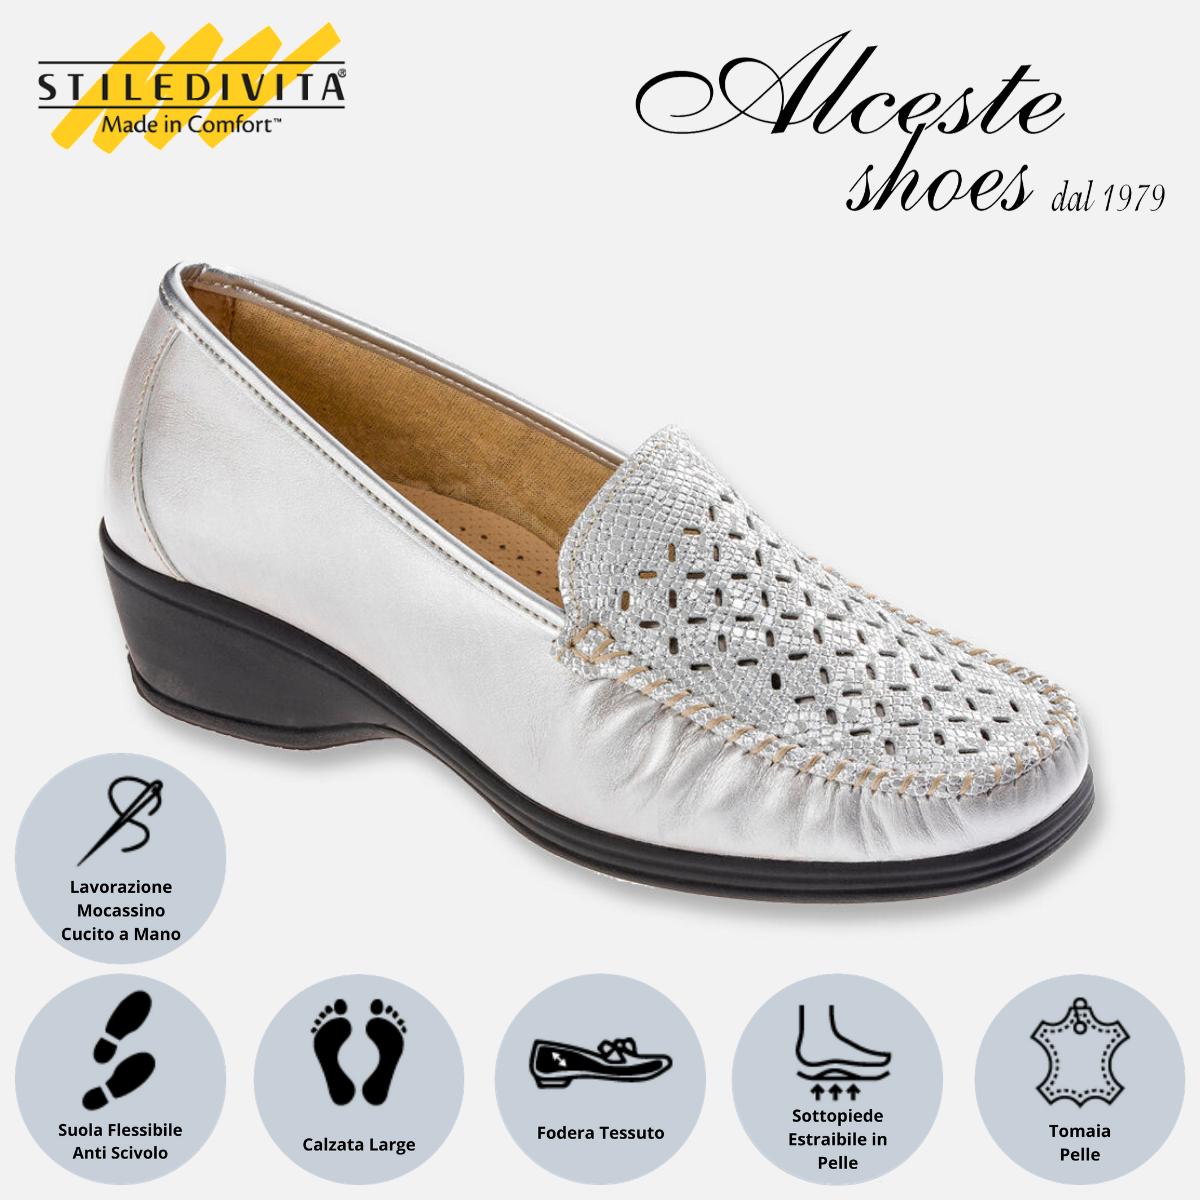 Mocassino Traforato Stiledivita Art. 2789 Perlato Argento Alceste Shoes 2789 Argento